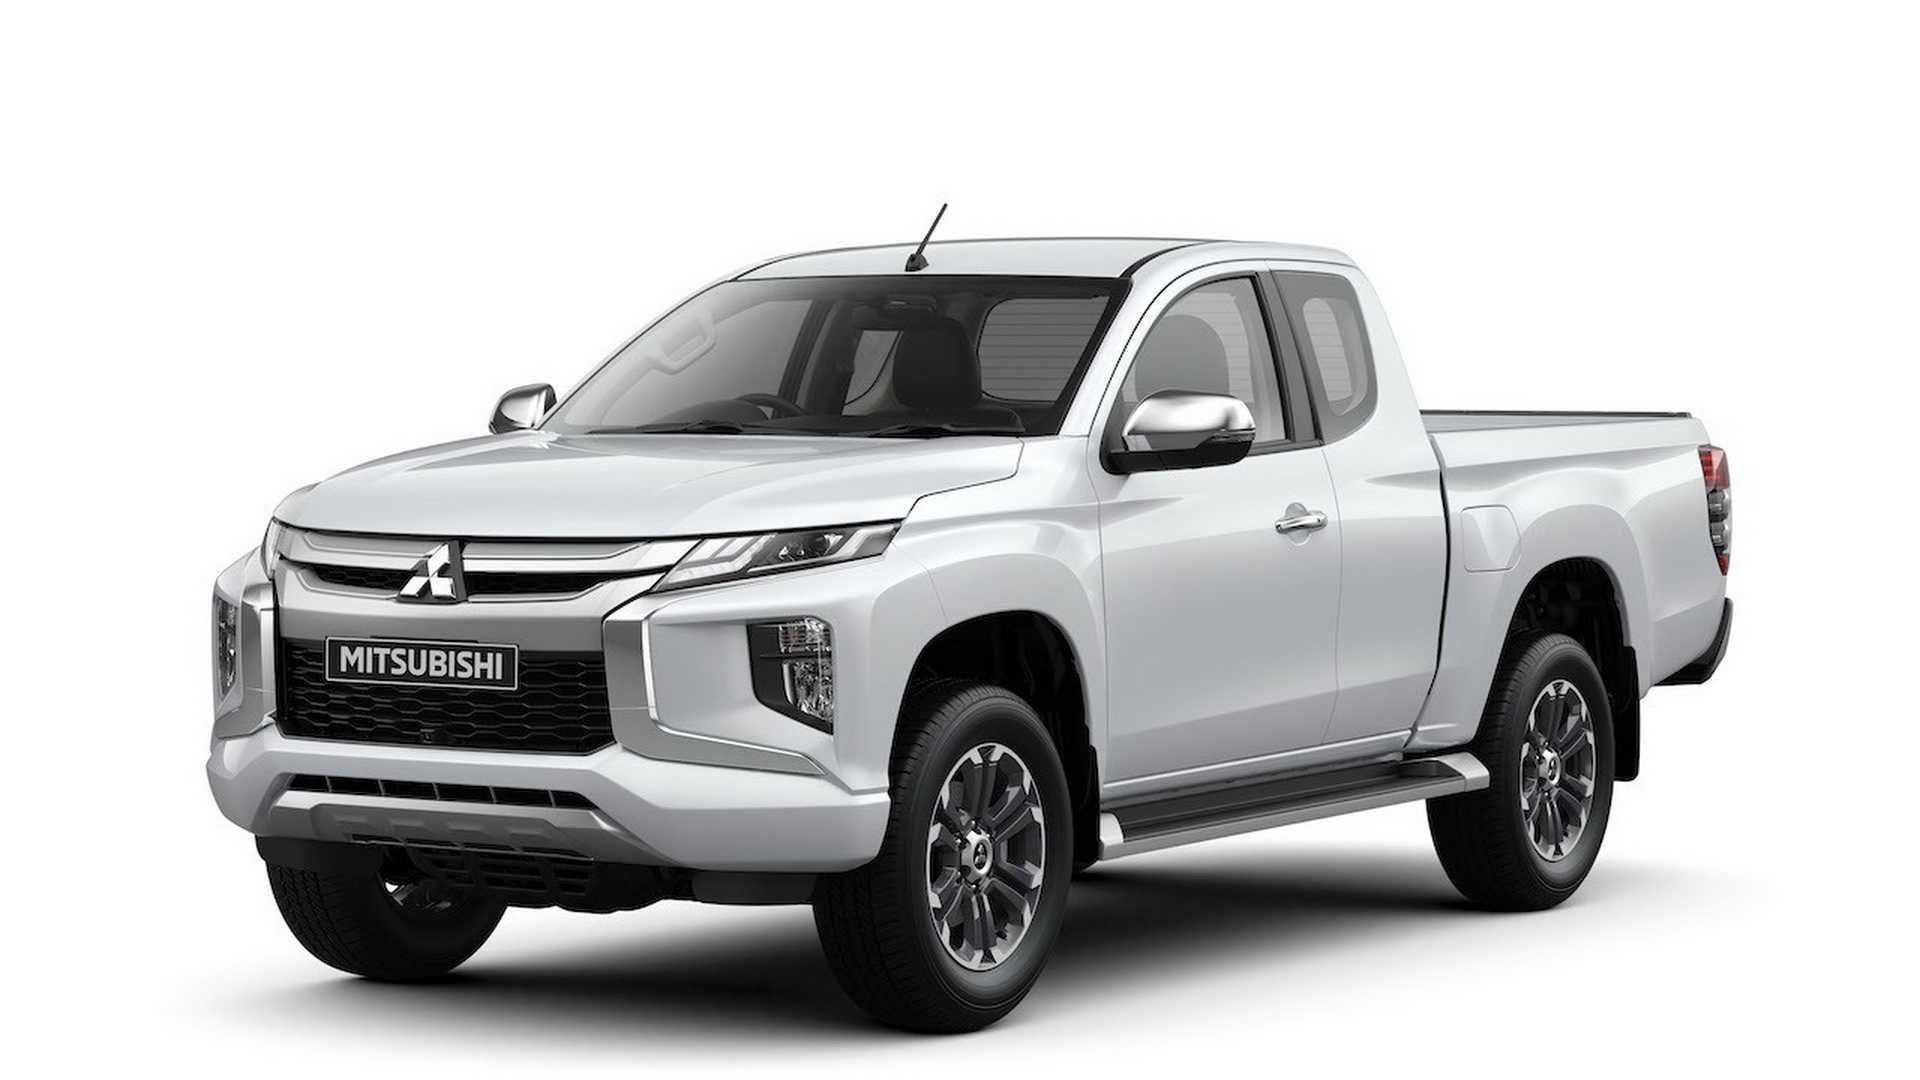 htfts Mitsubishi L200 / Triton 2019 apare oficial in noi imagini cu un design indraznet